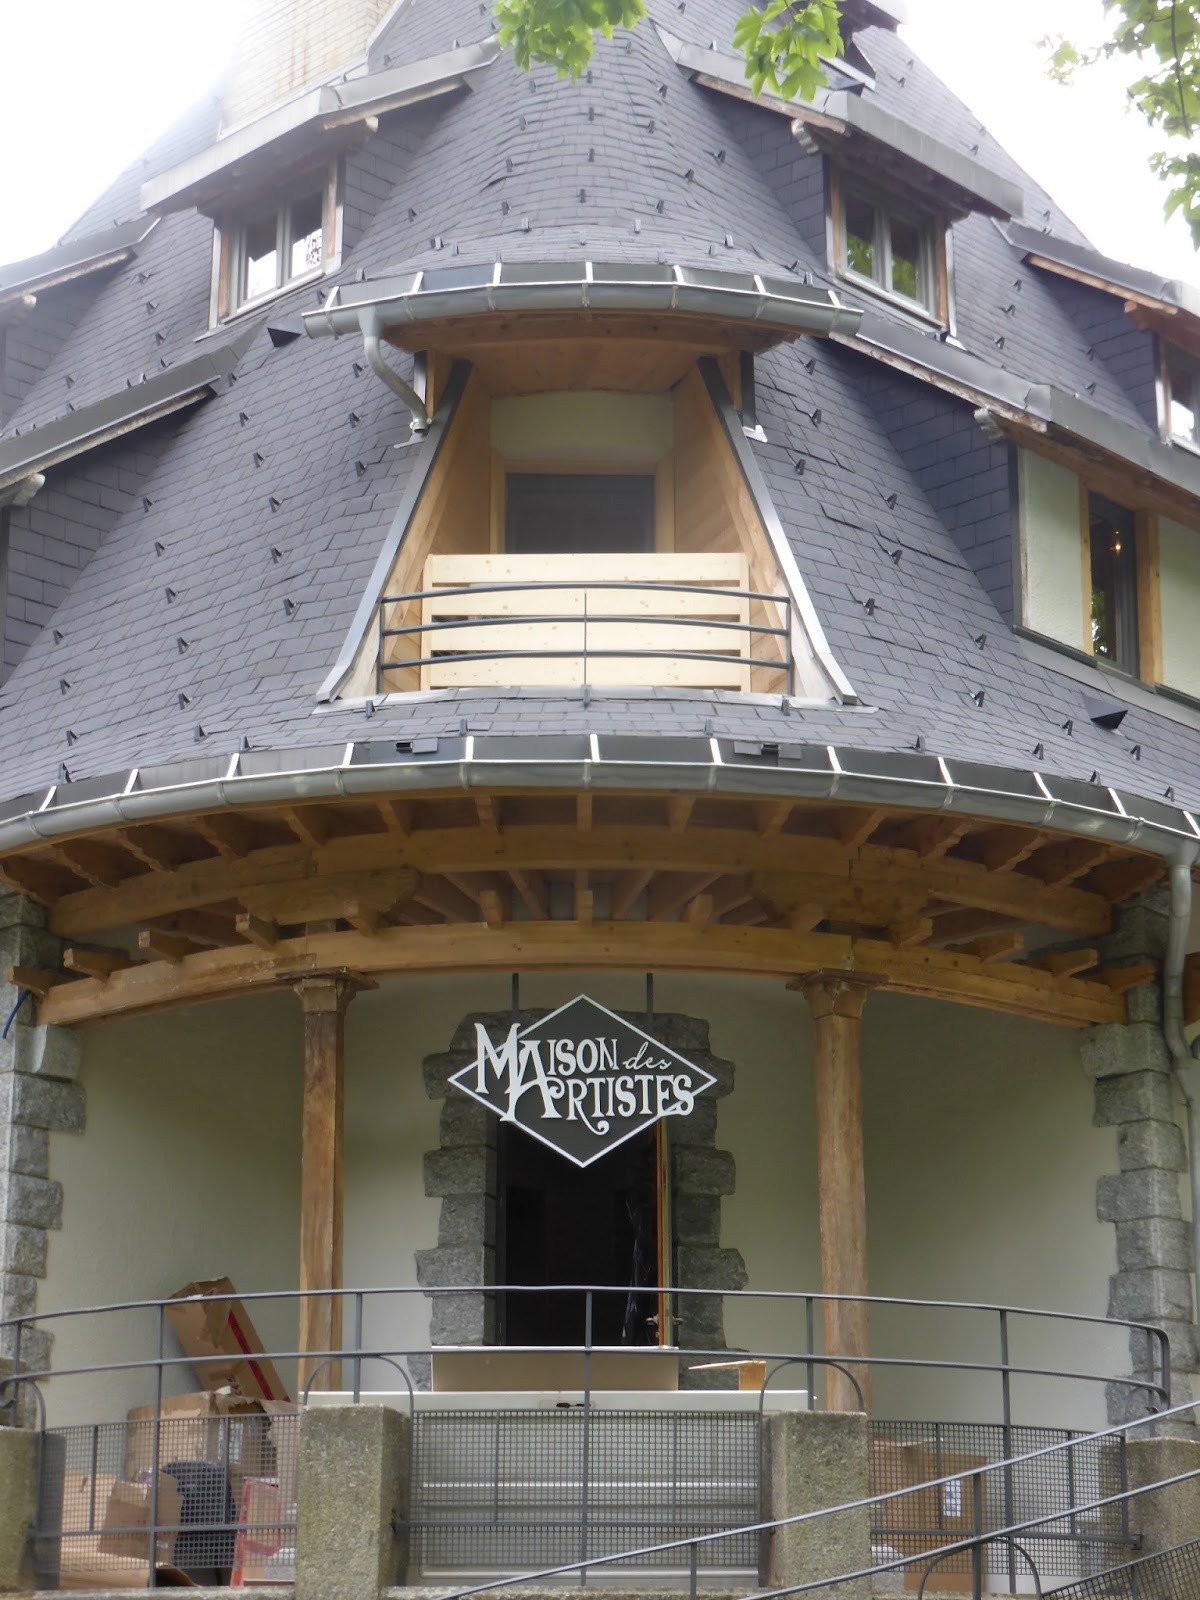 Blog d 39 eric lasserre la maison des artistes est lanc e for Affiliation maison des artistes